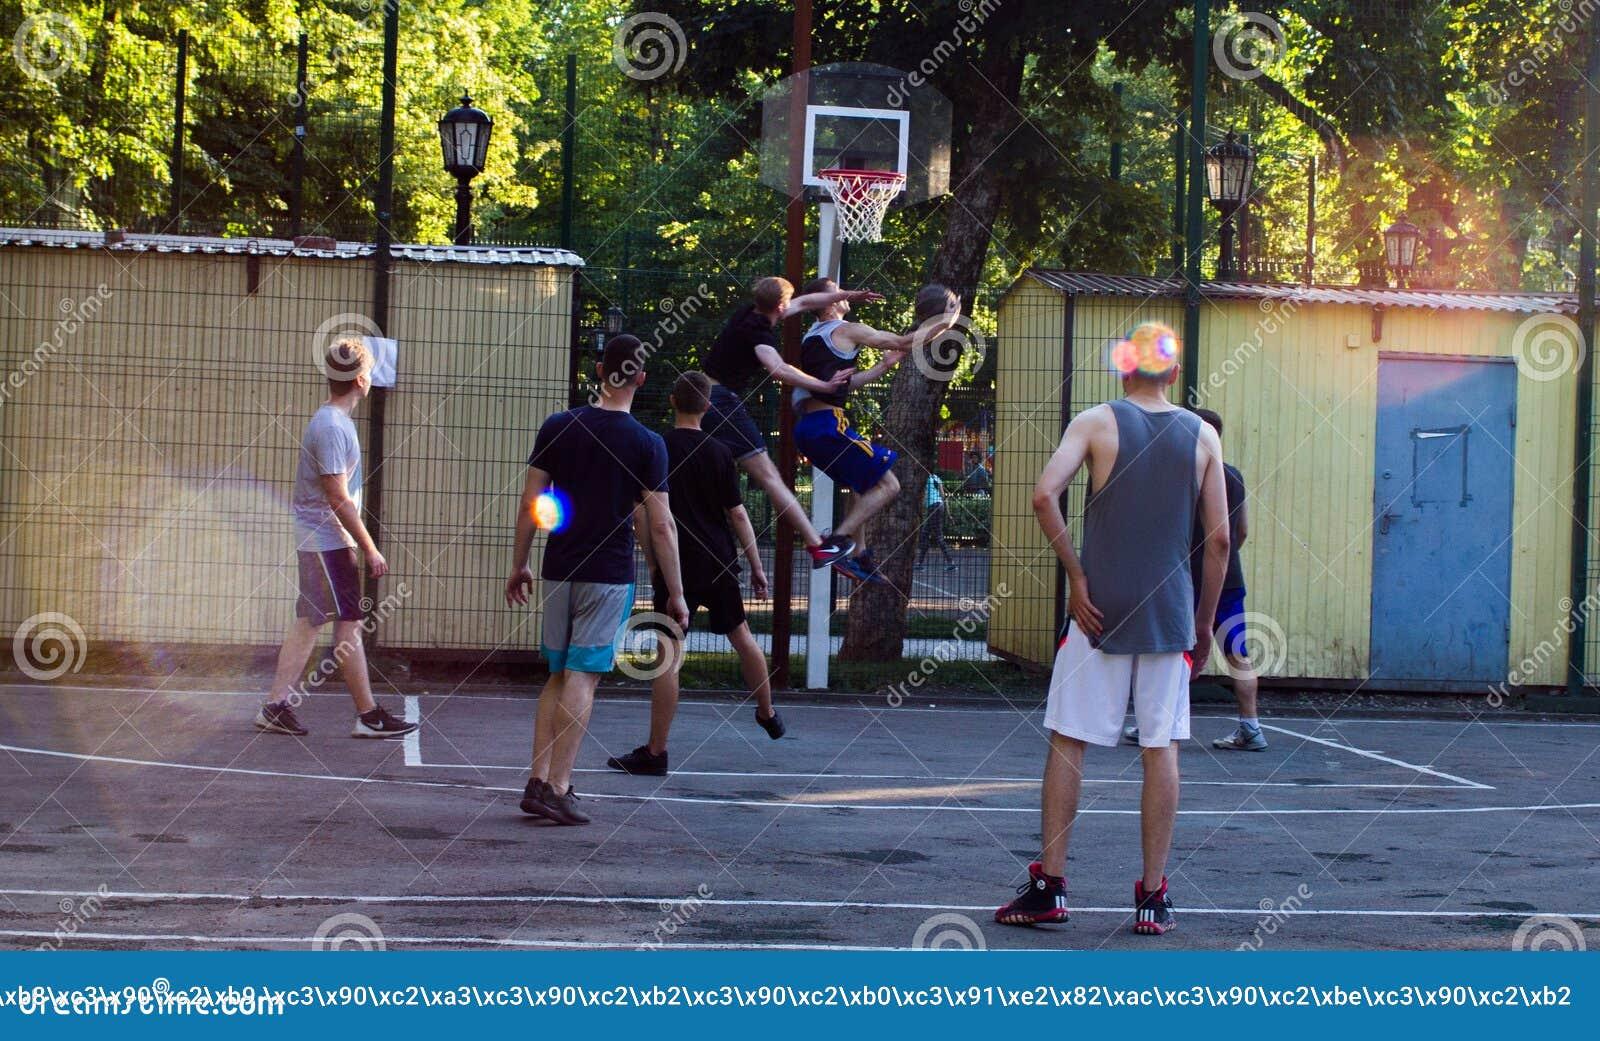 Basquetebol da rua do jogo dos jovens